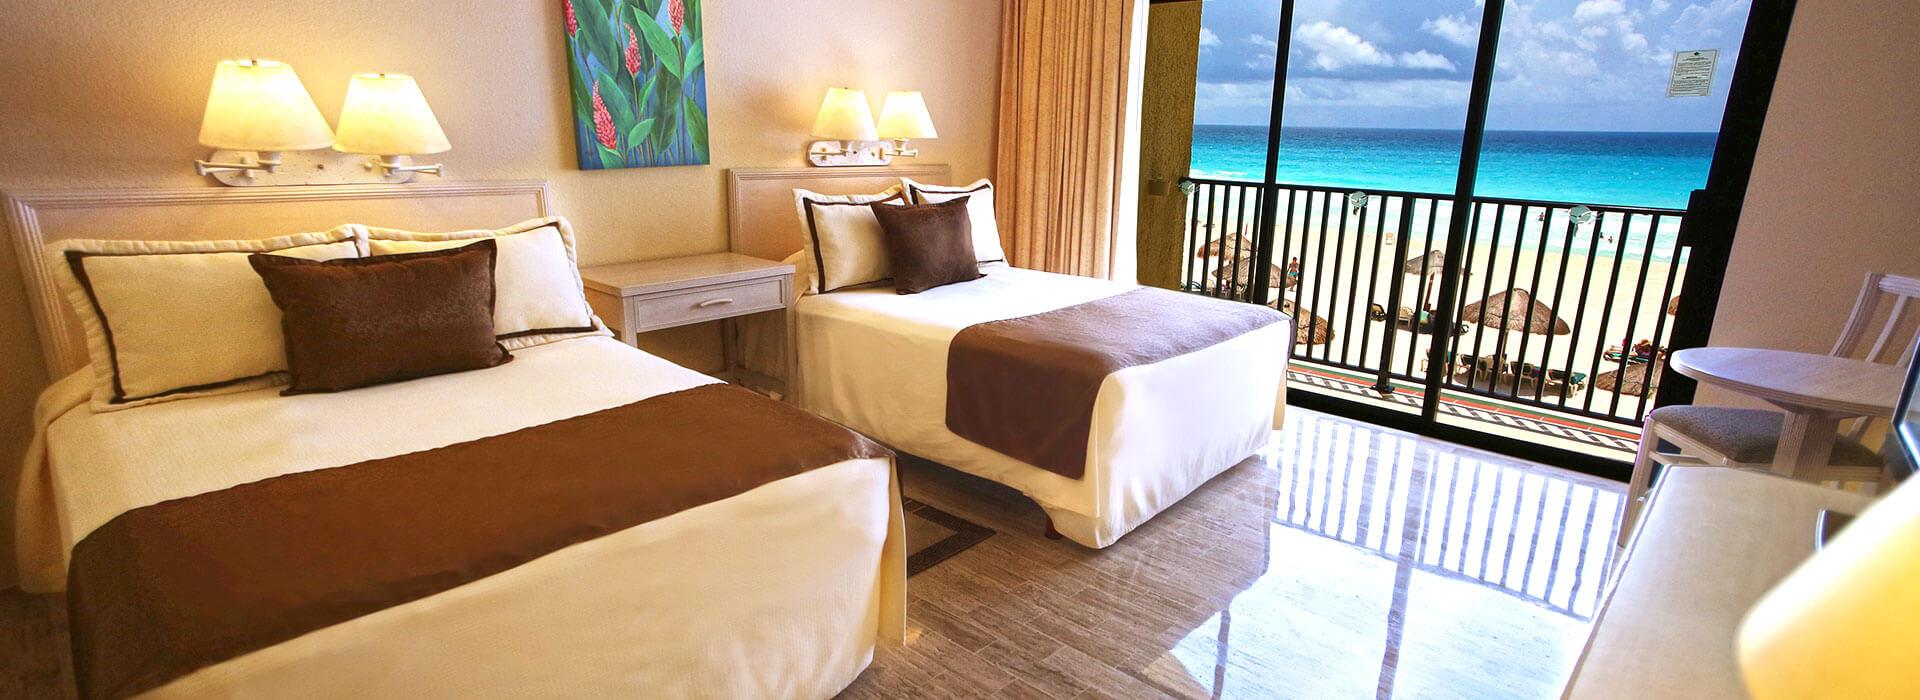 junior suite con vistas al mar